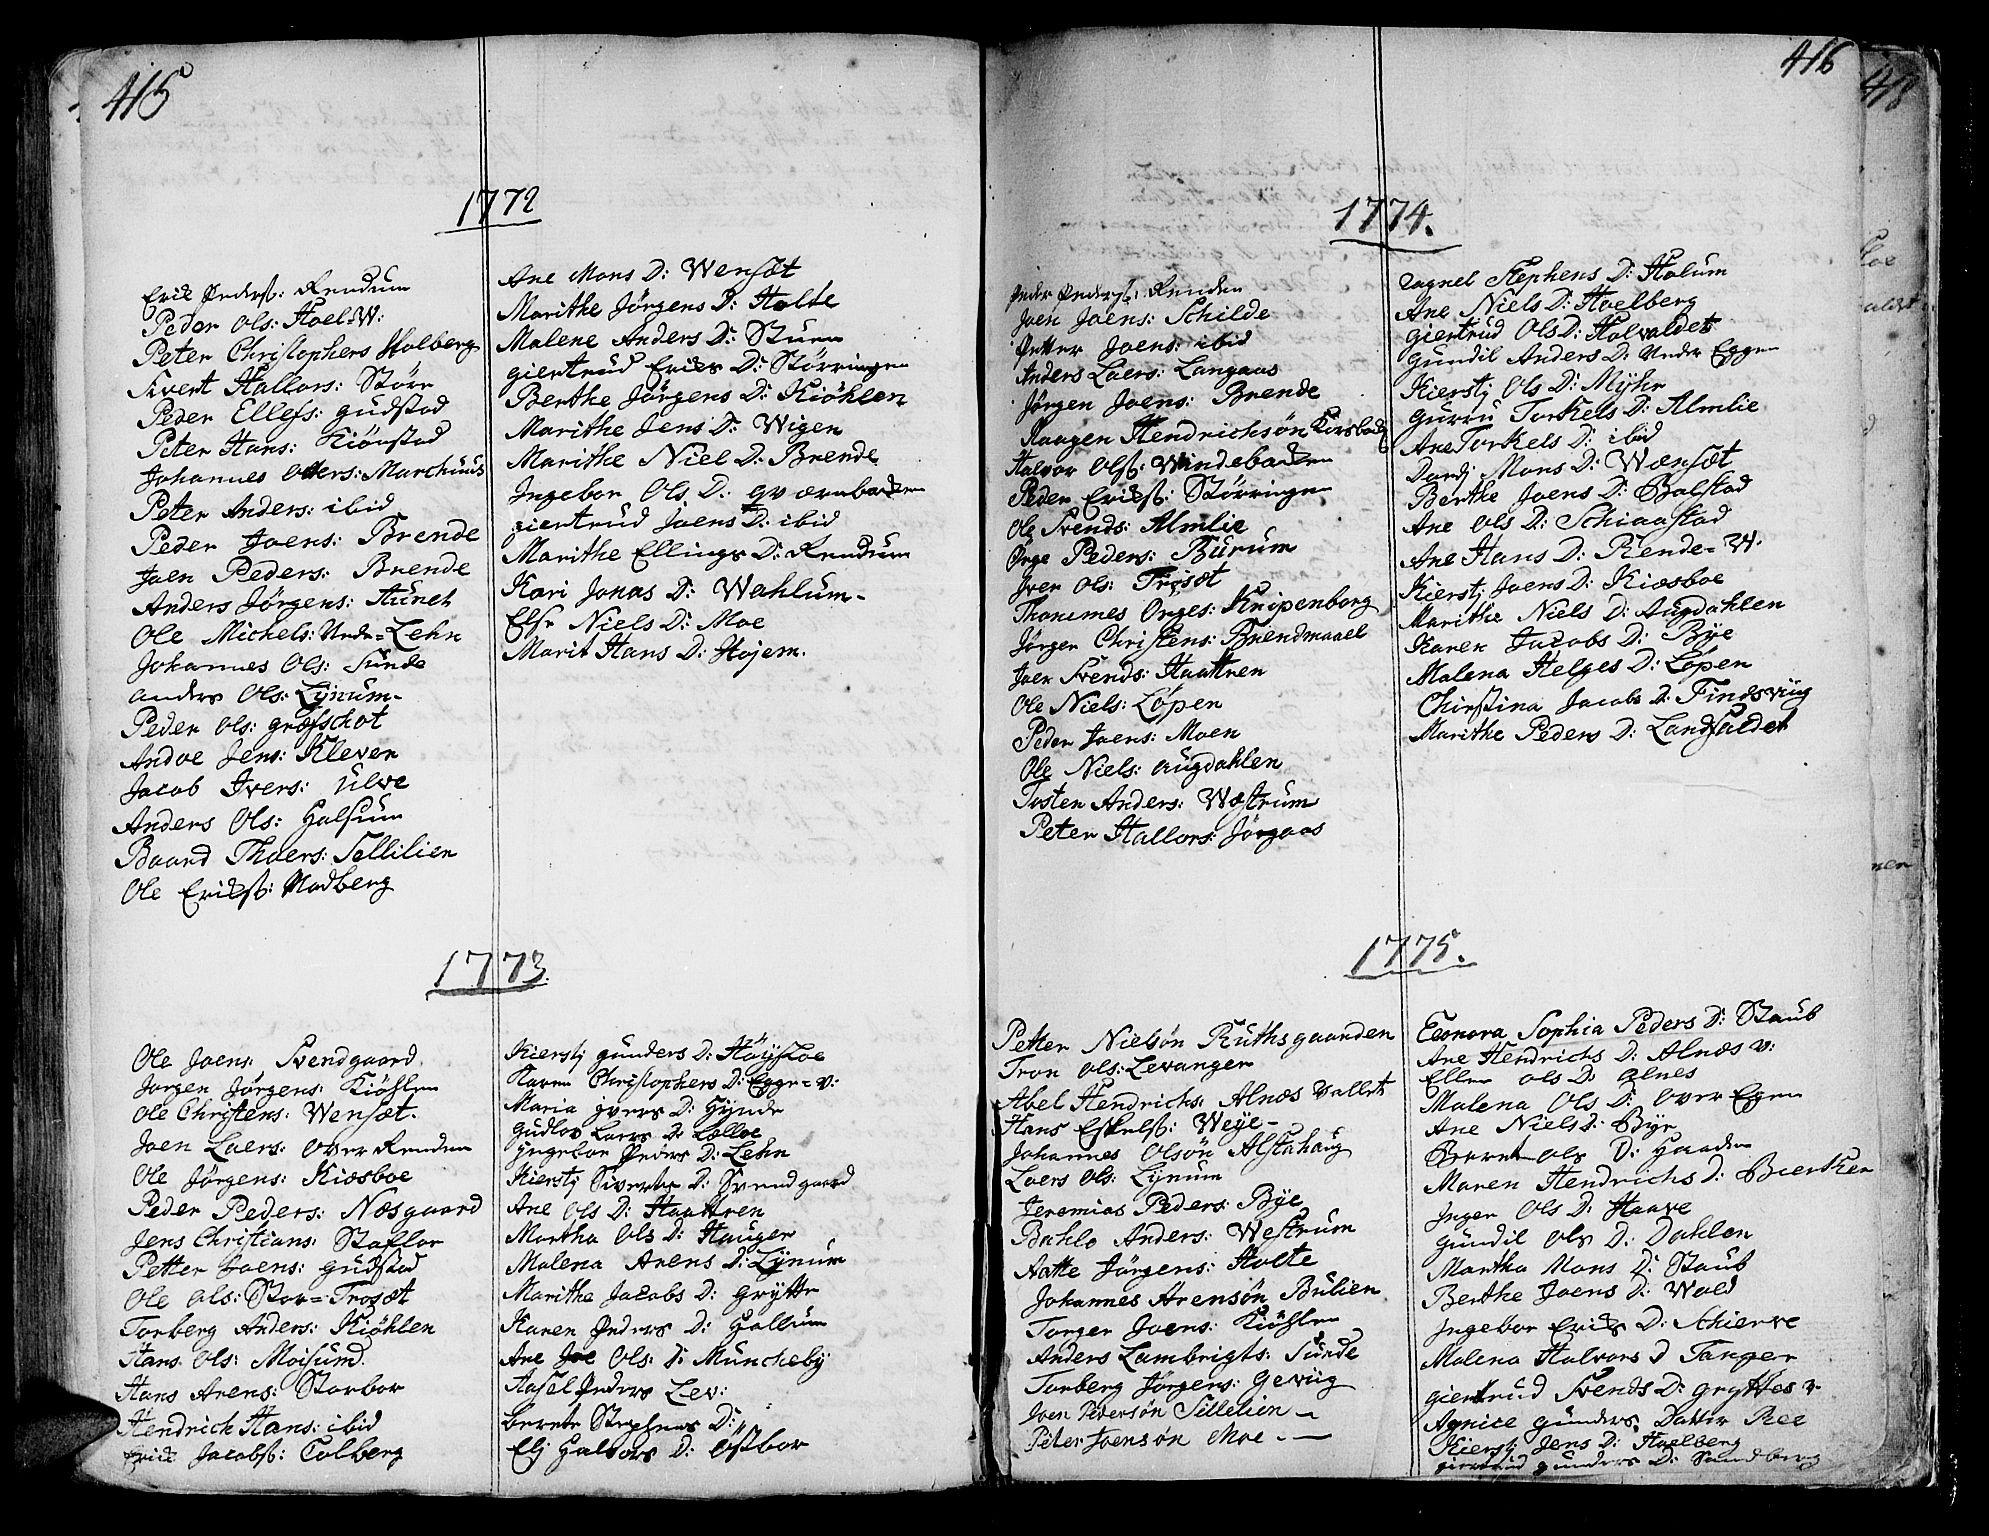 SAT, Ministerialprotokoller, klokkerbøker og fødselsregistre - Nord-Trøndelag, 717/L0141: Ministerialbok nr. 717A01, 1747-1803, s. 415-416